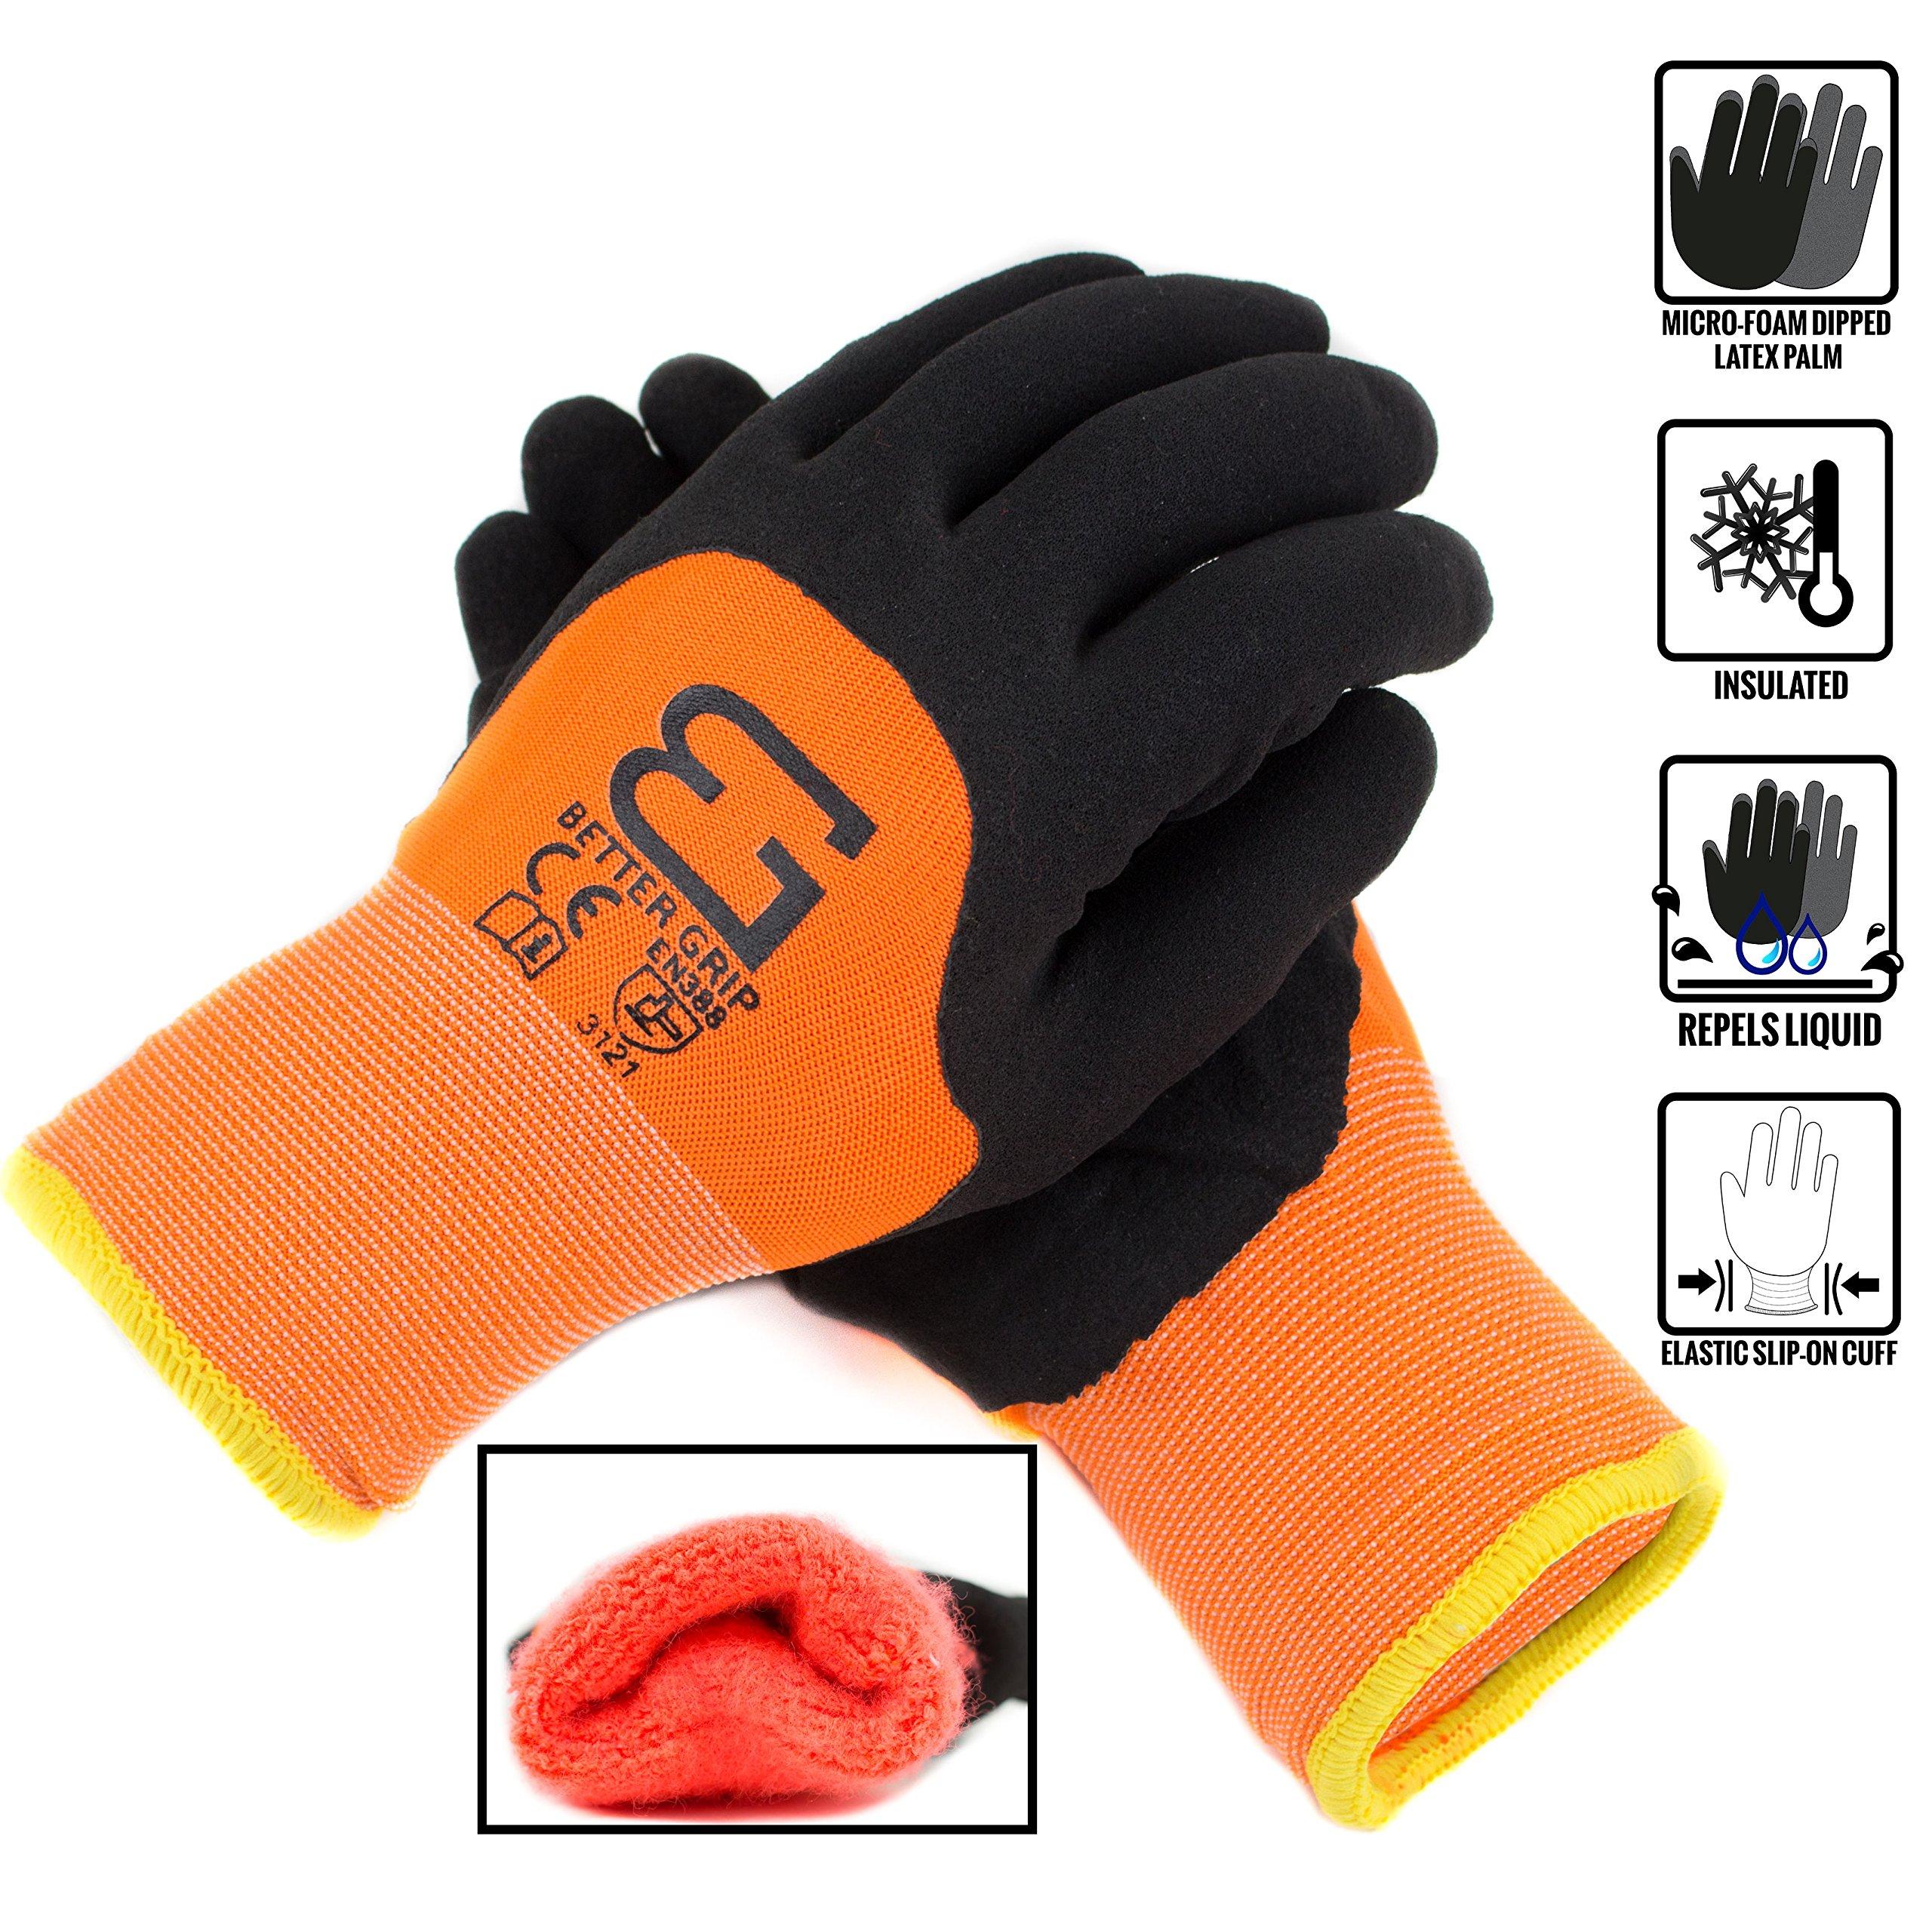 Better Grip BGWANS3/4 Safety Winter Insulated